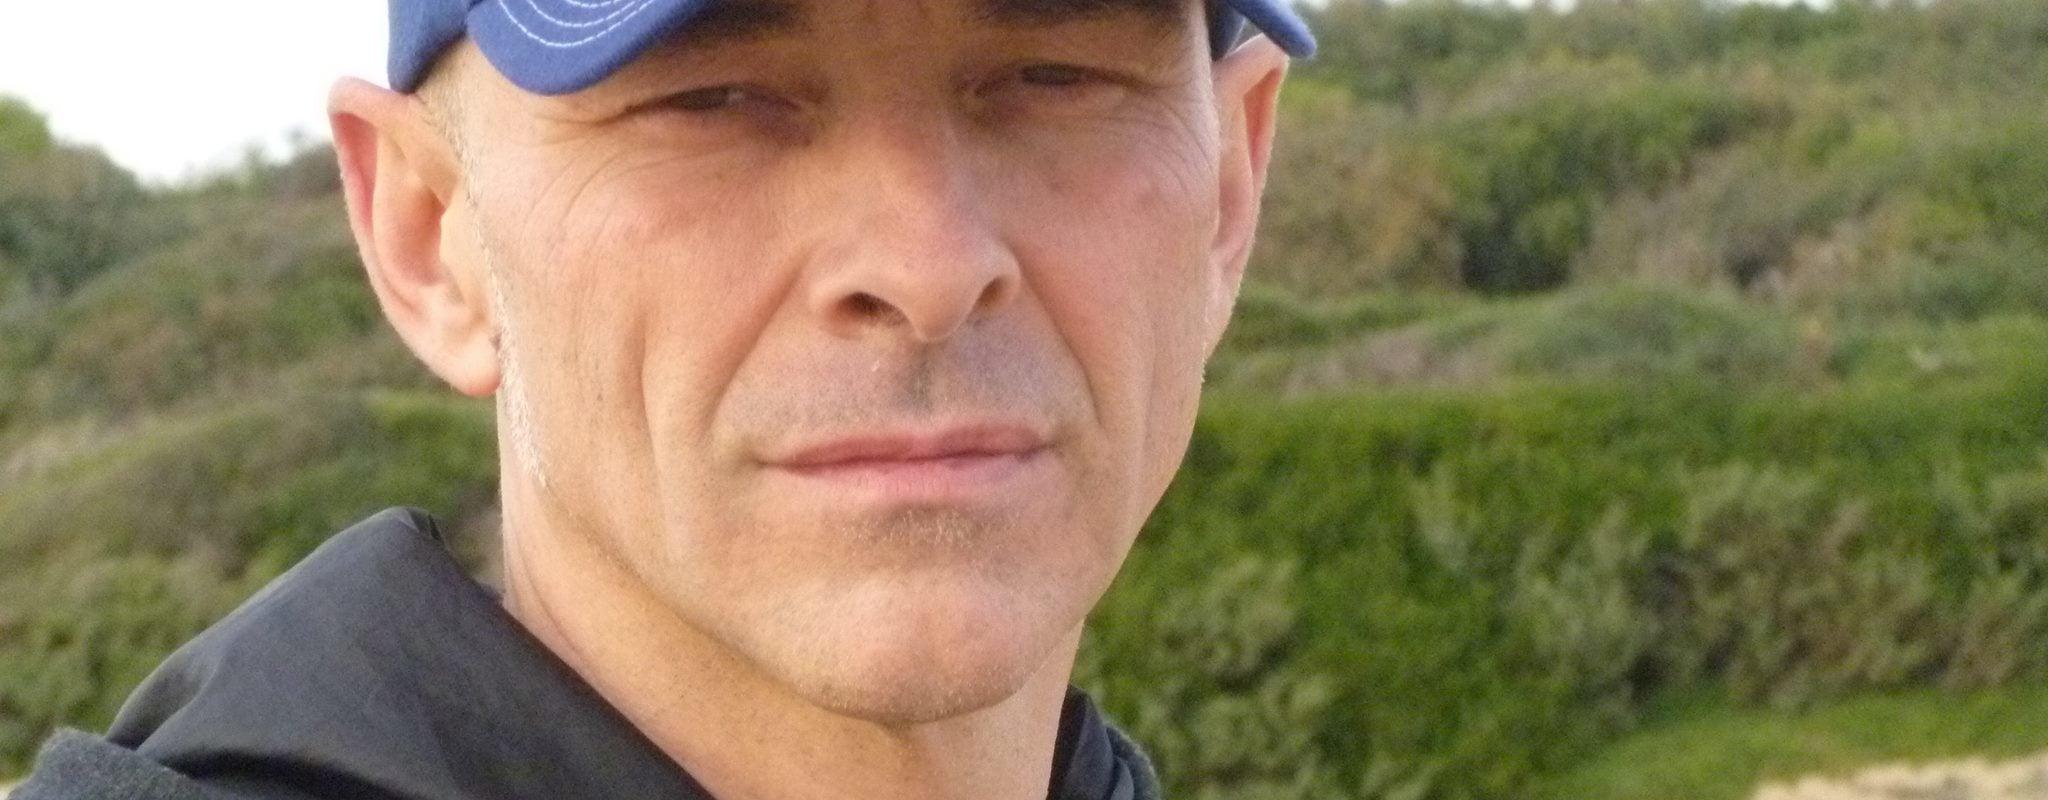 Un nouveau rédacteur en chef aux Dernières nouvelles d'Alsace